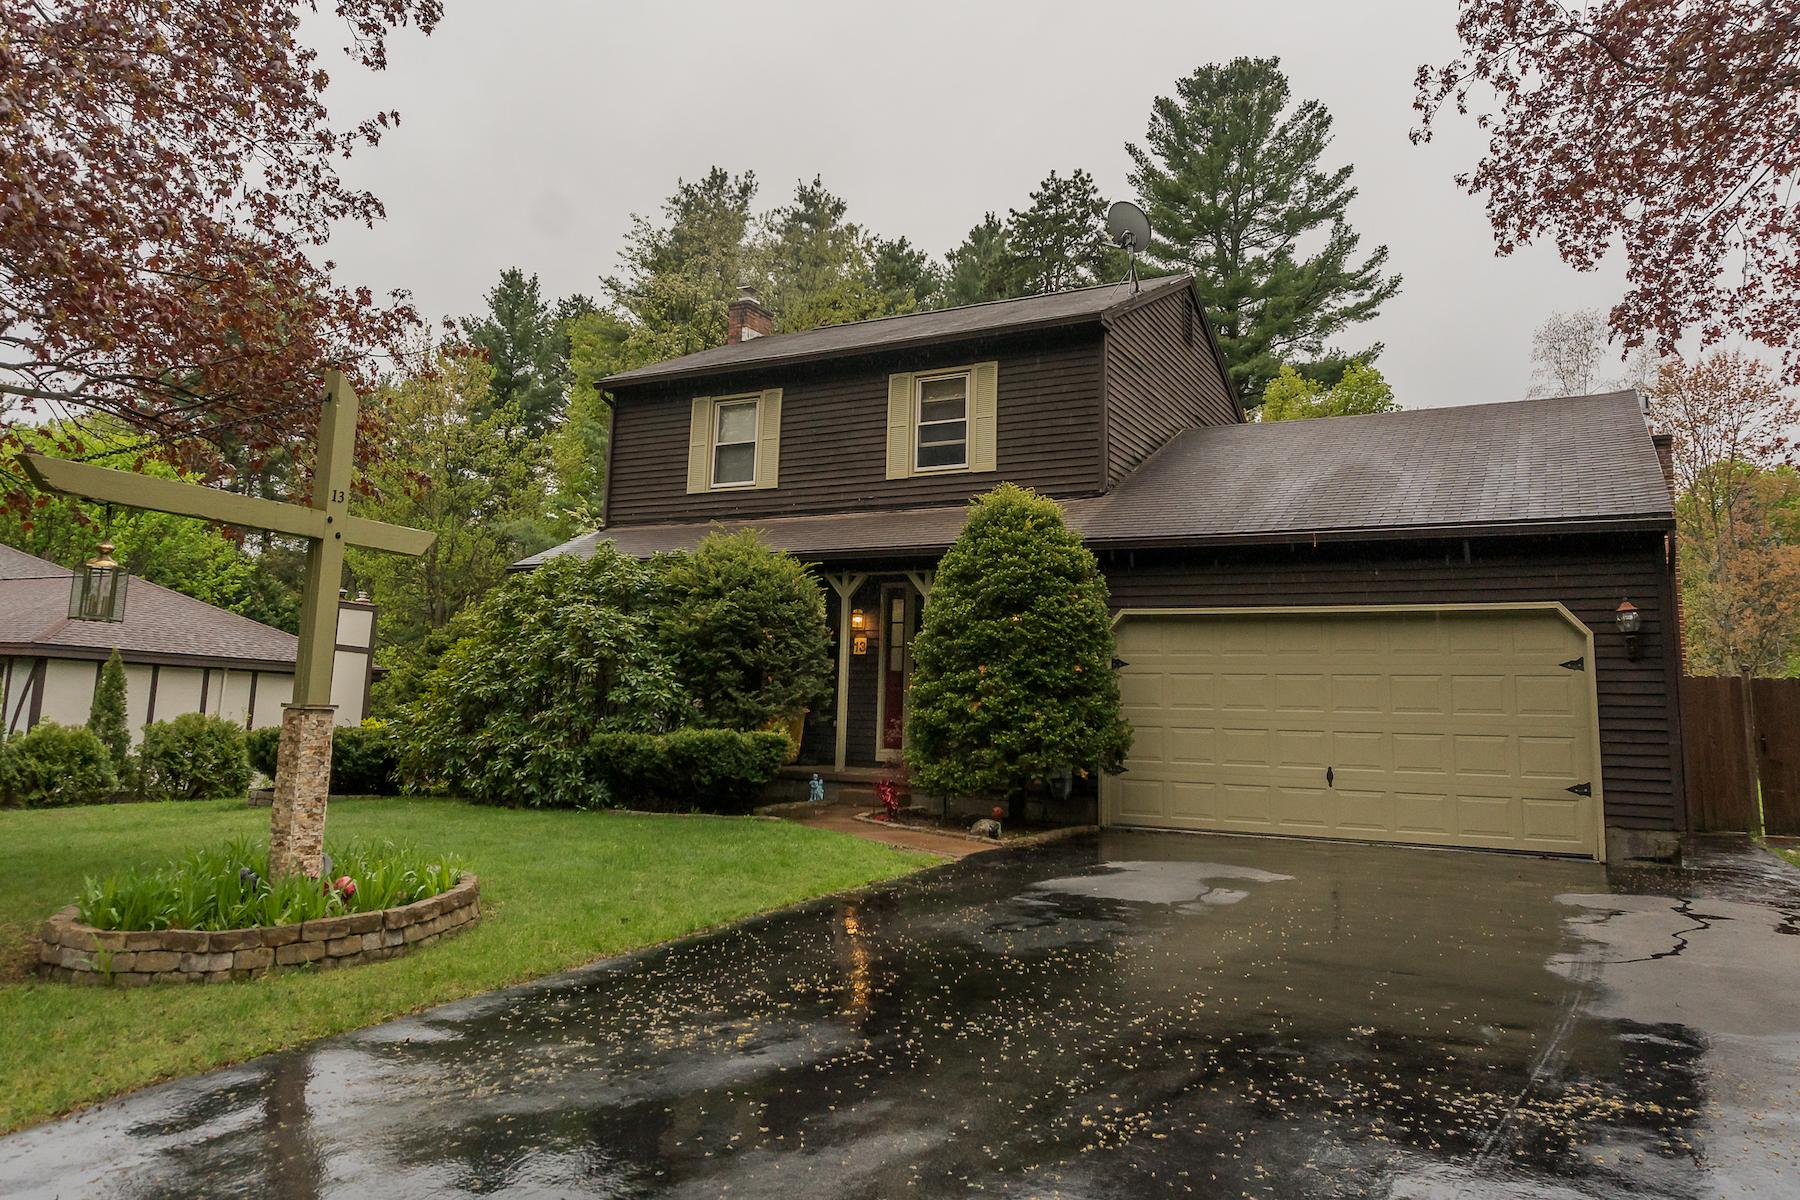 Частный односемейный дом для того Продажа на Colonial in Evergreen Estates 13 Helen Dr Queensbury, Нью-Йорк 12804 Соединенные Штаты